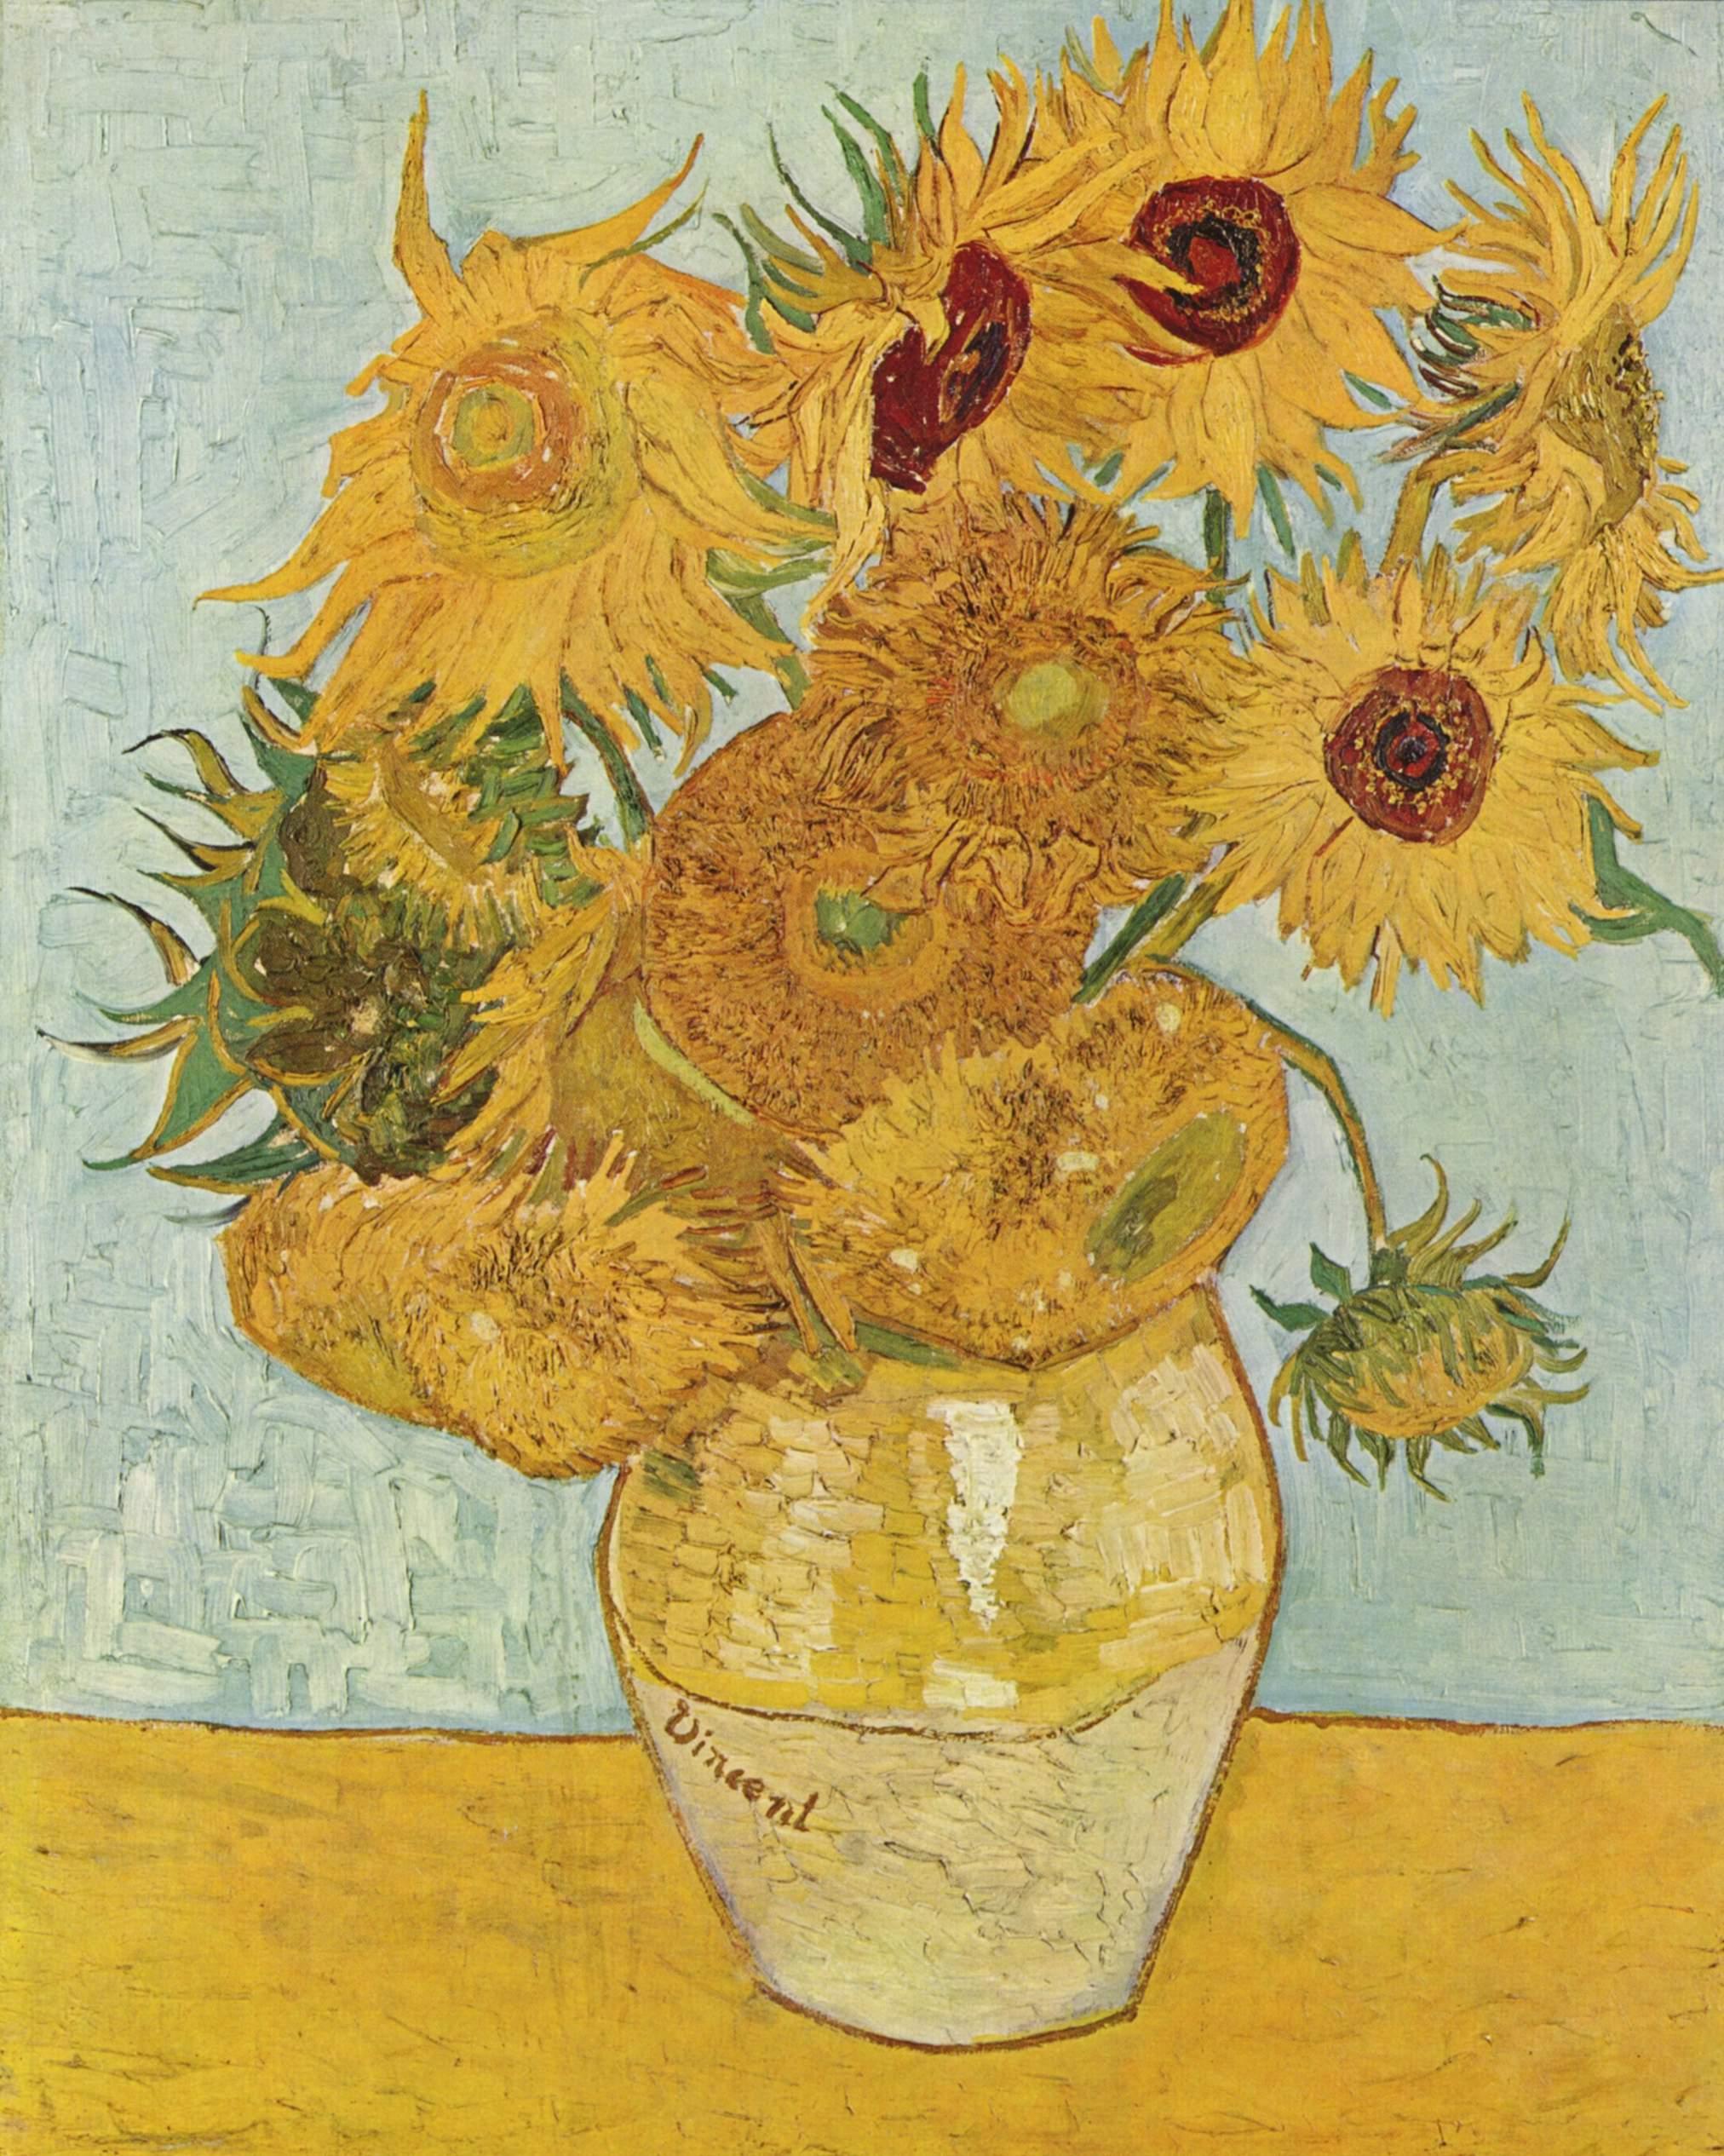 Винсент Виллем Ван Гог (нидерл. Vincent Willem van Gogh). Подсолнухи (1888)